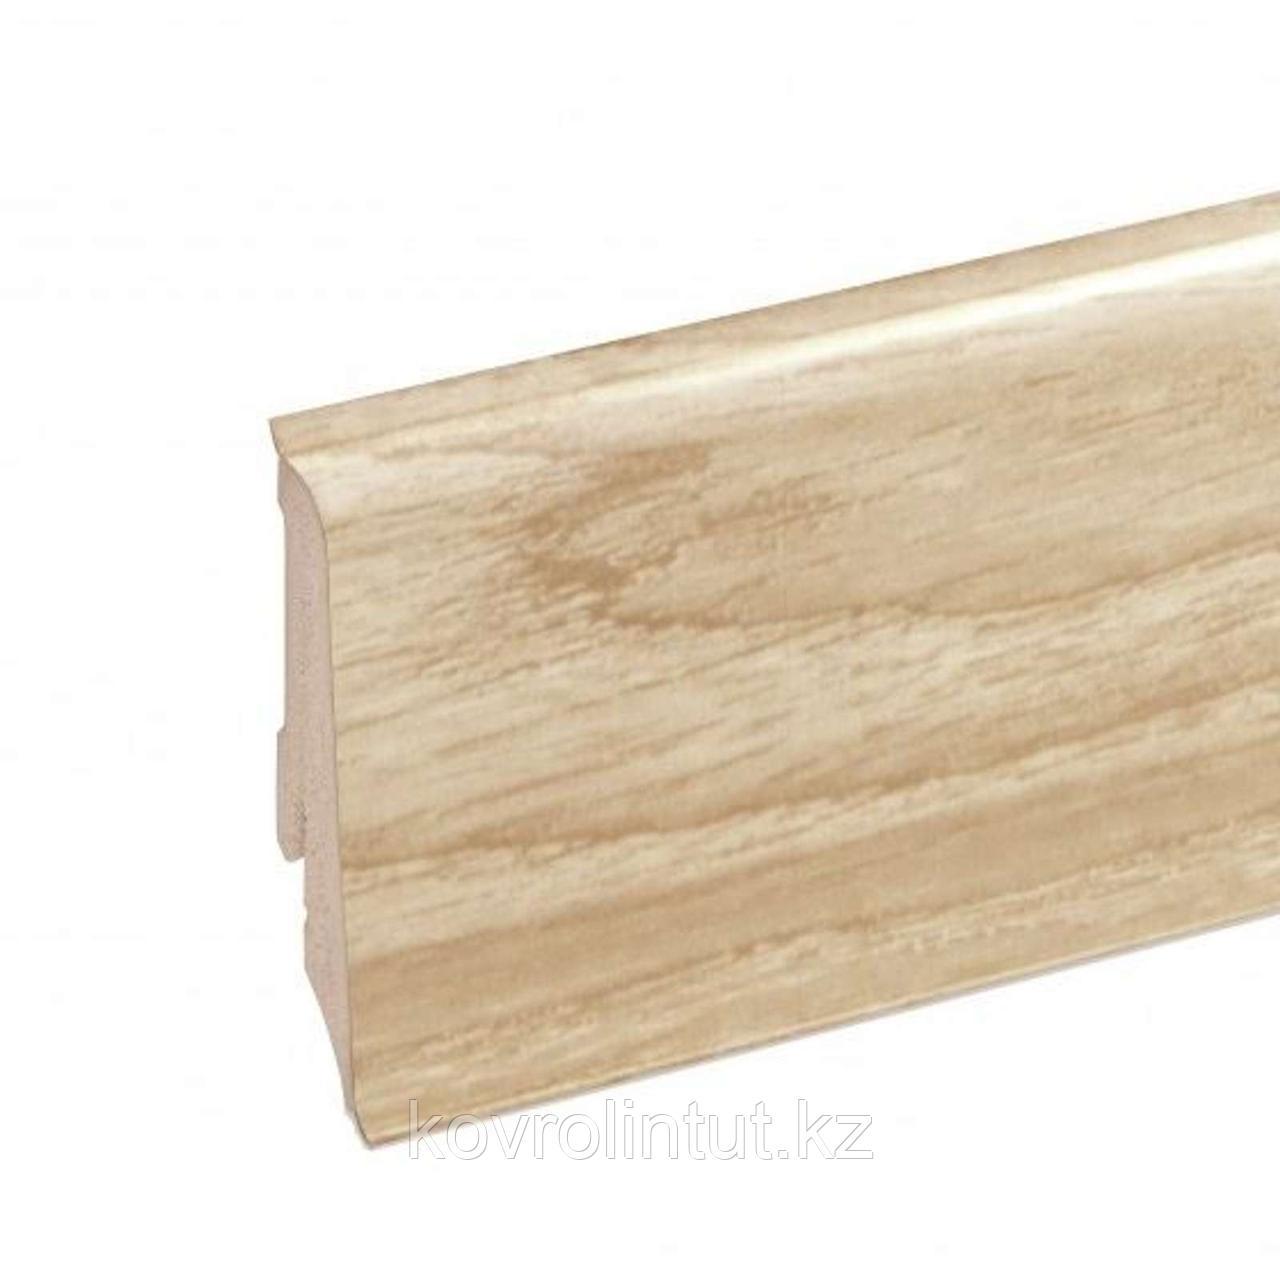 Плинтус композитный для LVT Neuhofer Holz, K0210L, 714453, 2400х59х17 мм